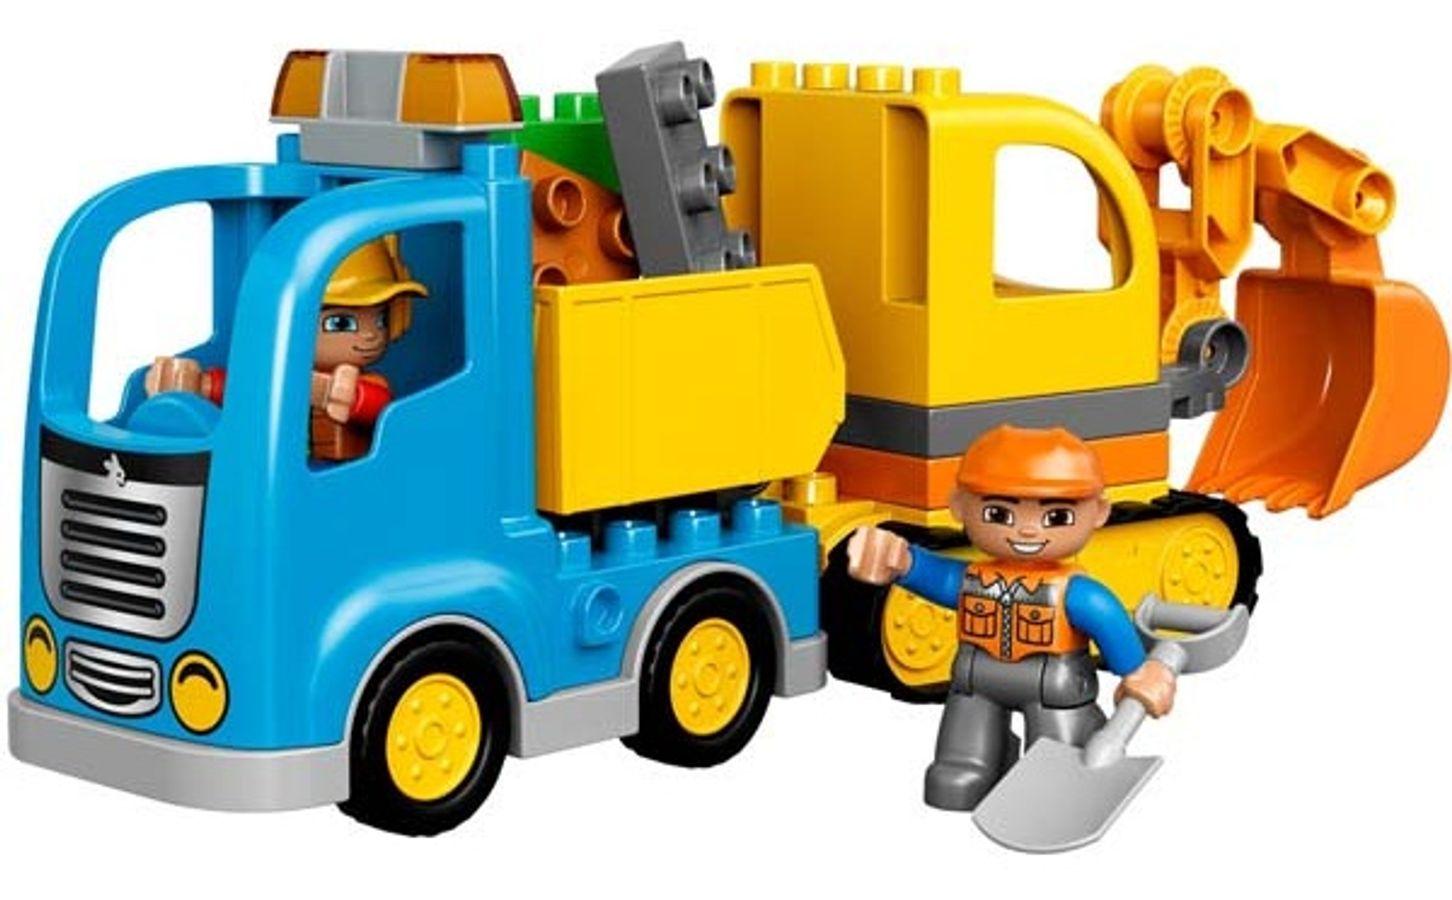 Đồ Chơi Xếp Hình Lego Xe Máy Xúc - Lego Duplo 10812